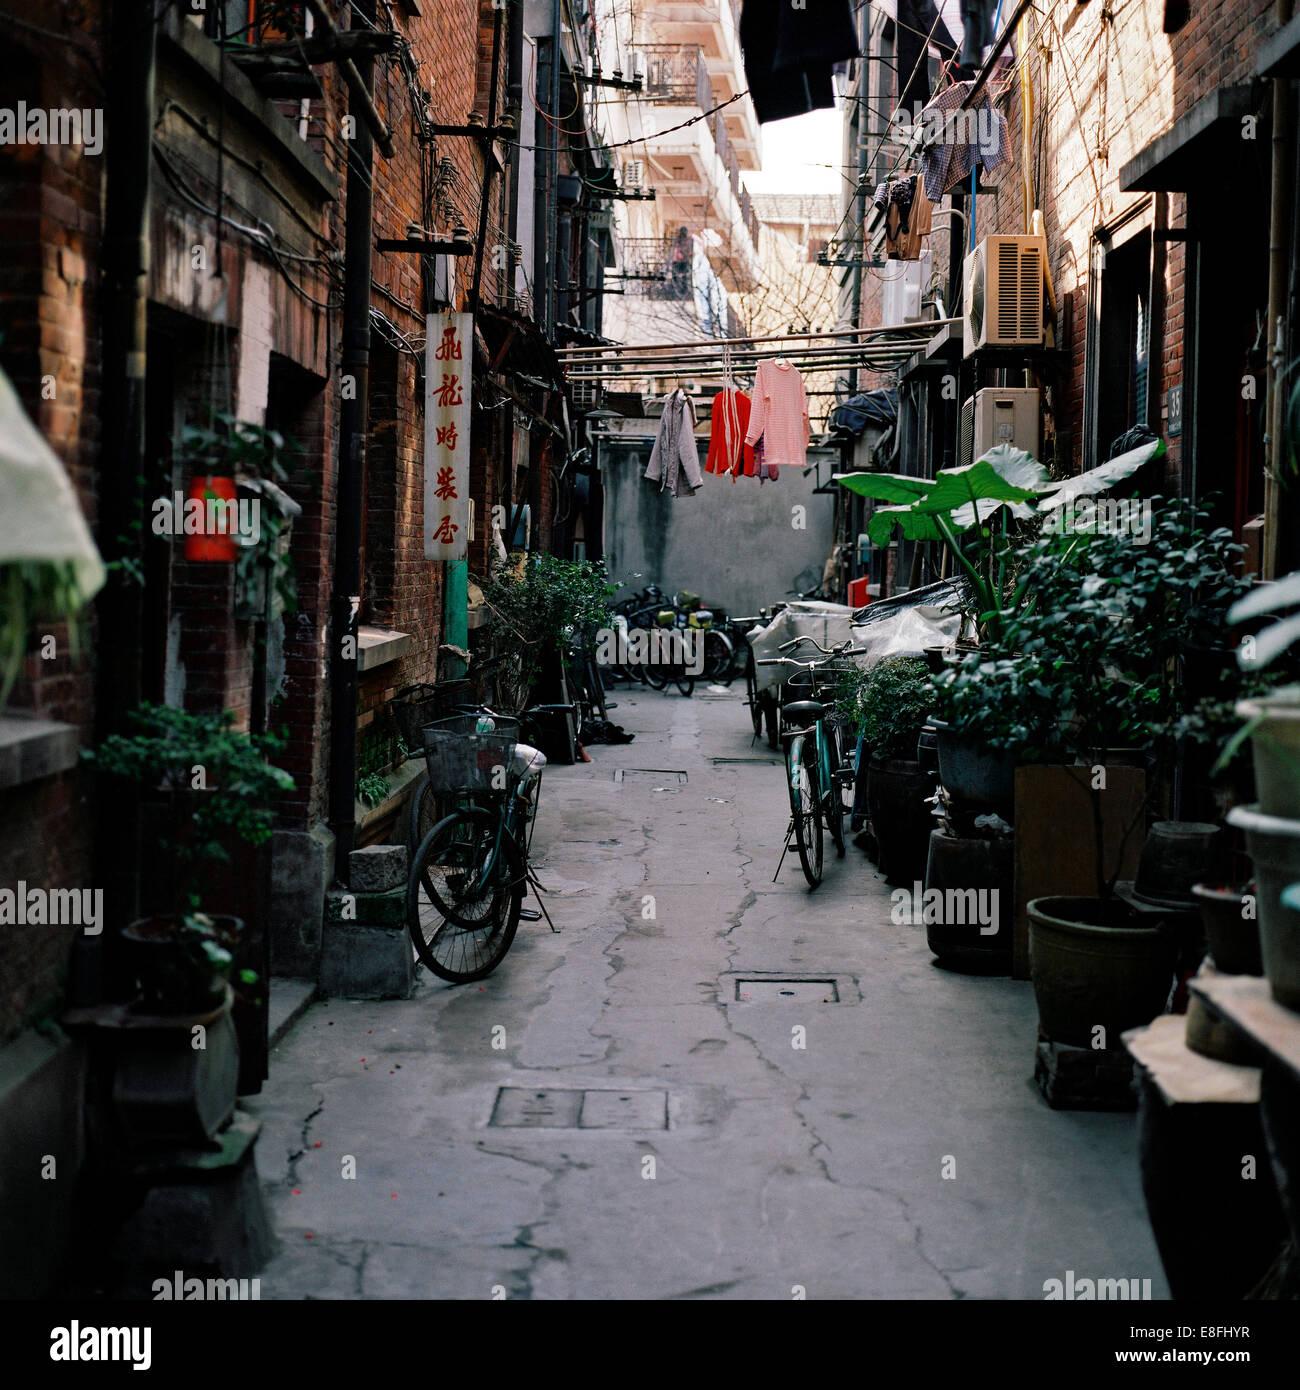 China, Shanghai, Narrow street - Stock Image